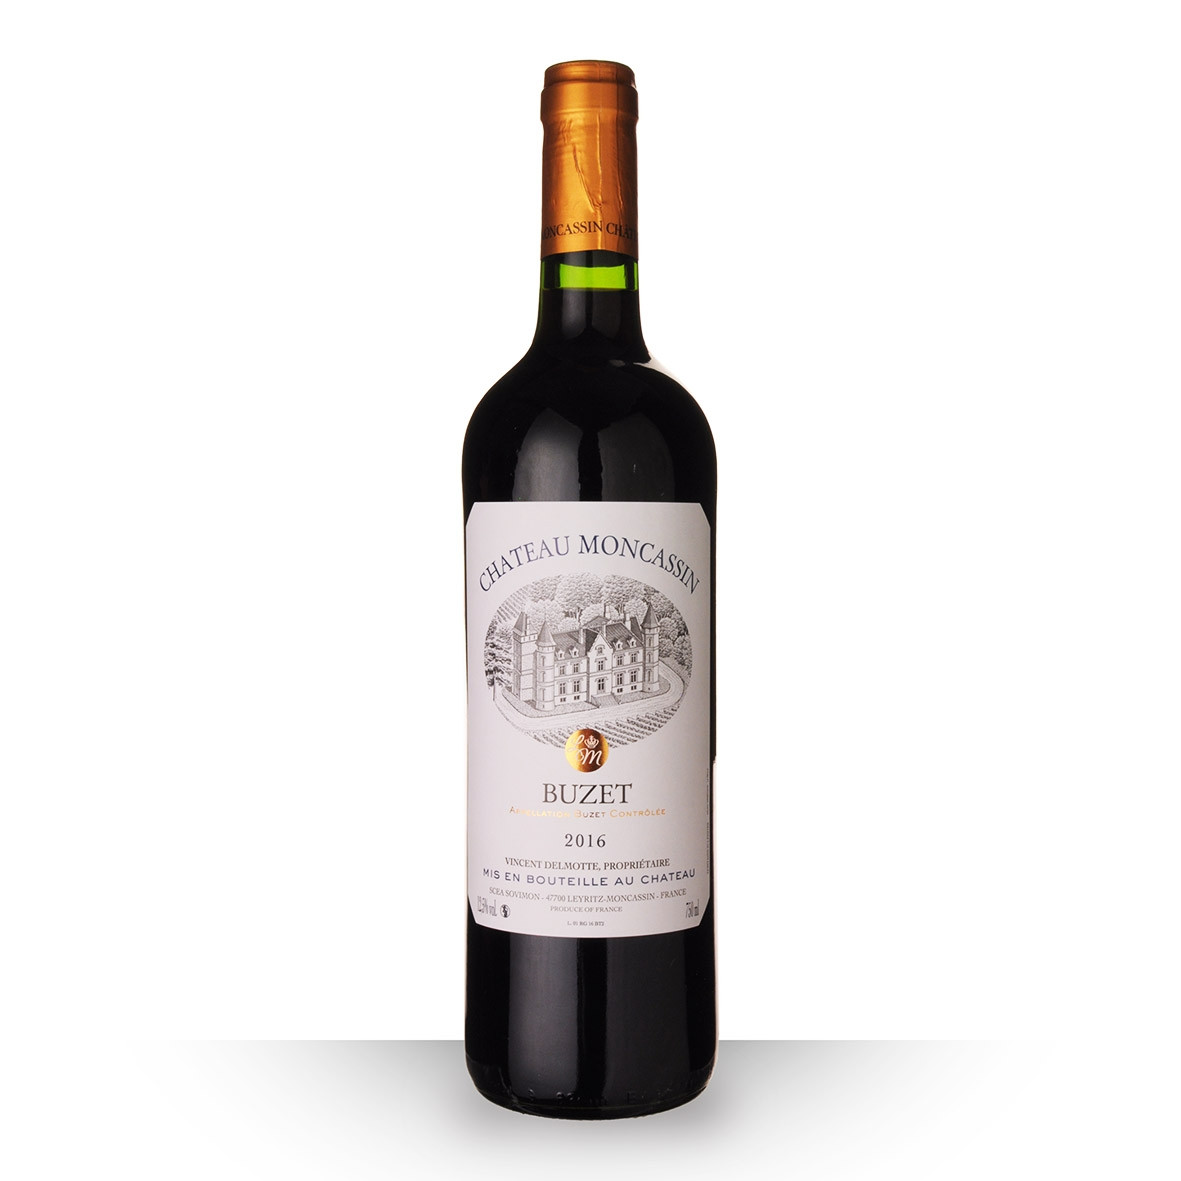 Château Moncassin Tradition Buzet Rouge 2016 75cl www.odyssee-vins.com